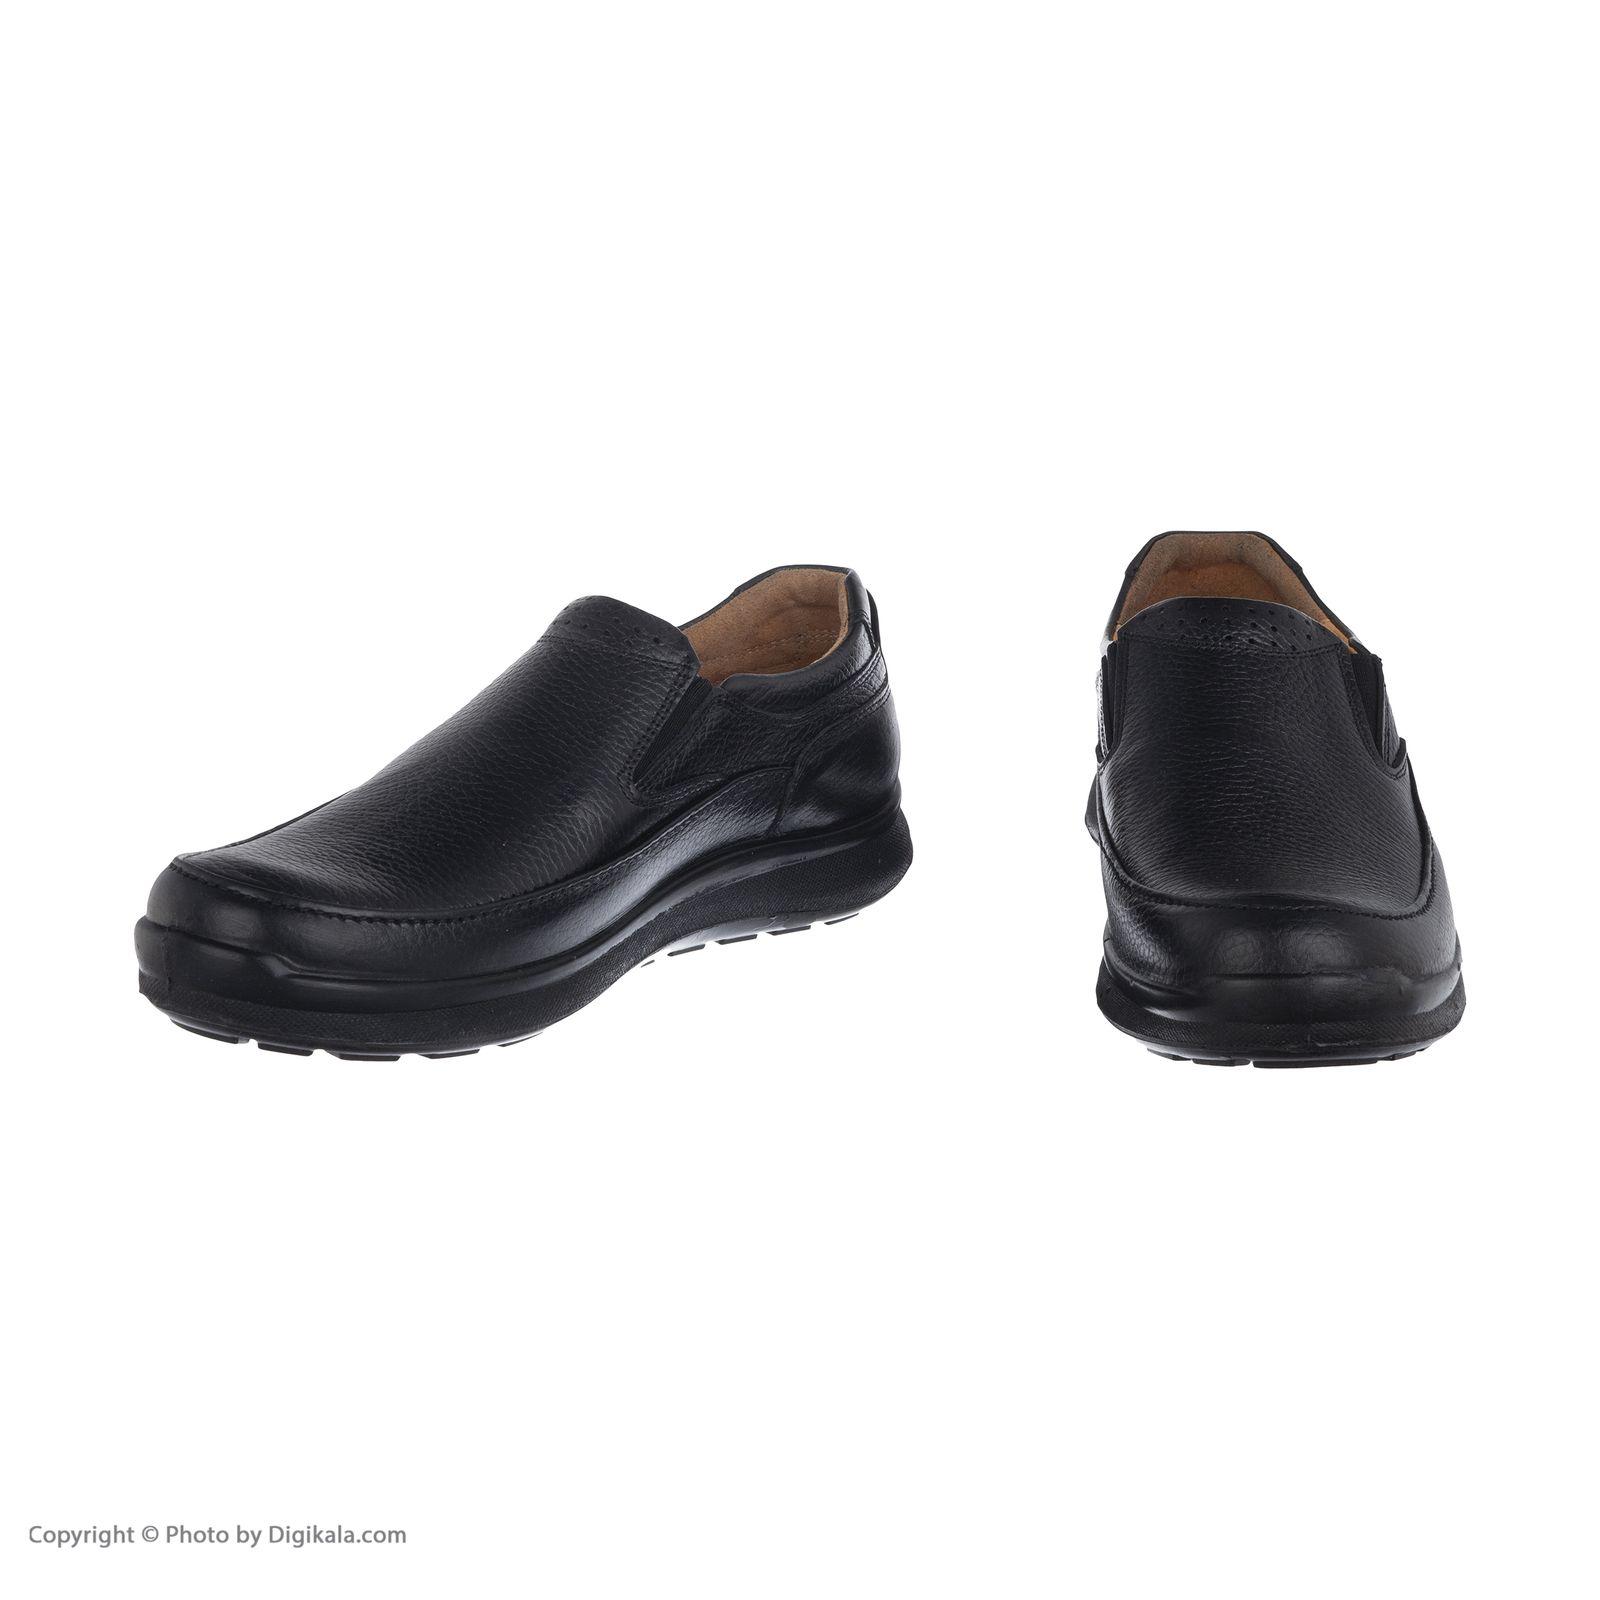 کفش روزمره مردانه آذر پلاس مدل 4401A503101 -  - 6